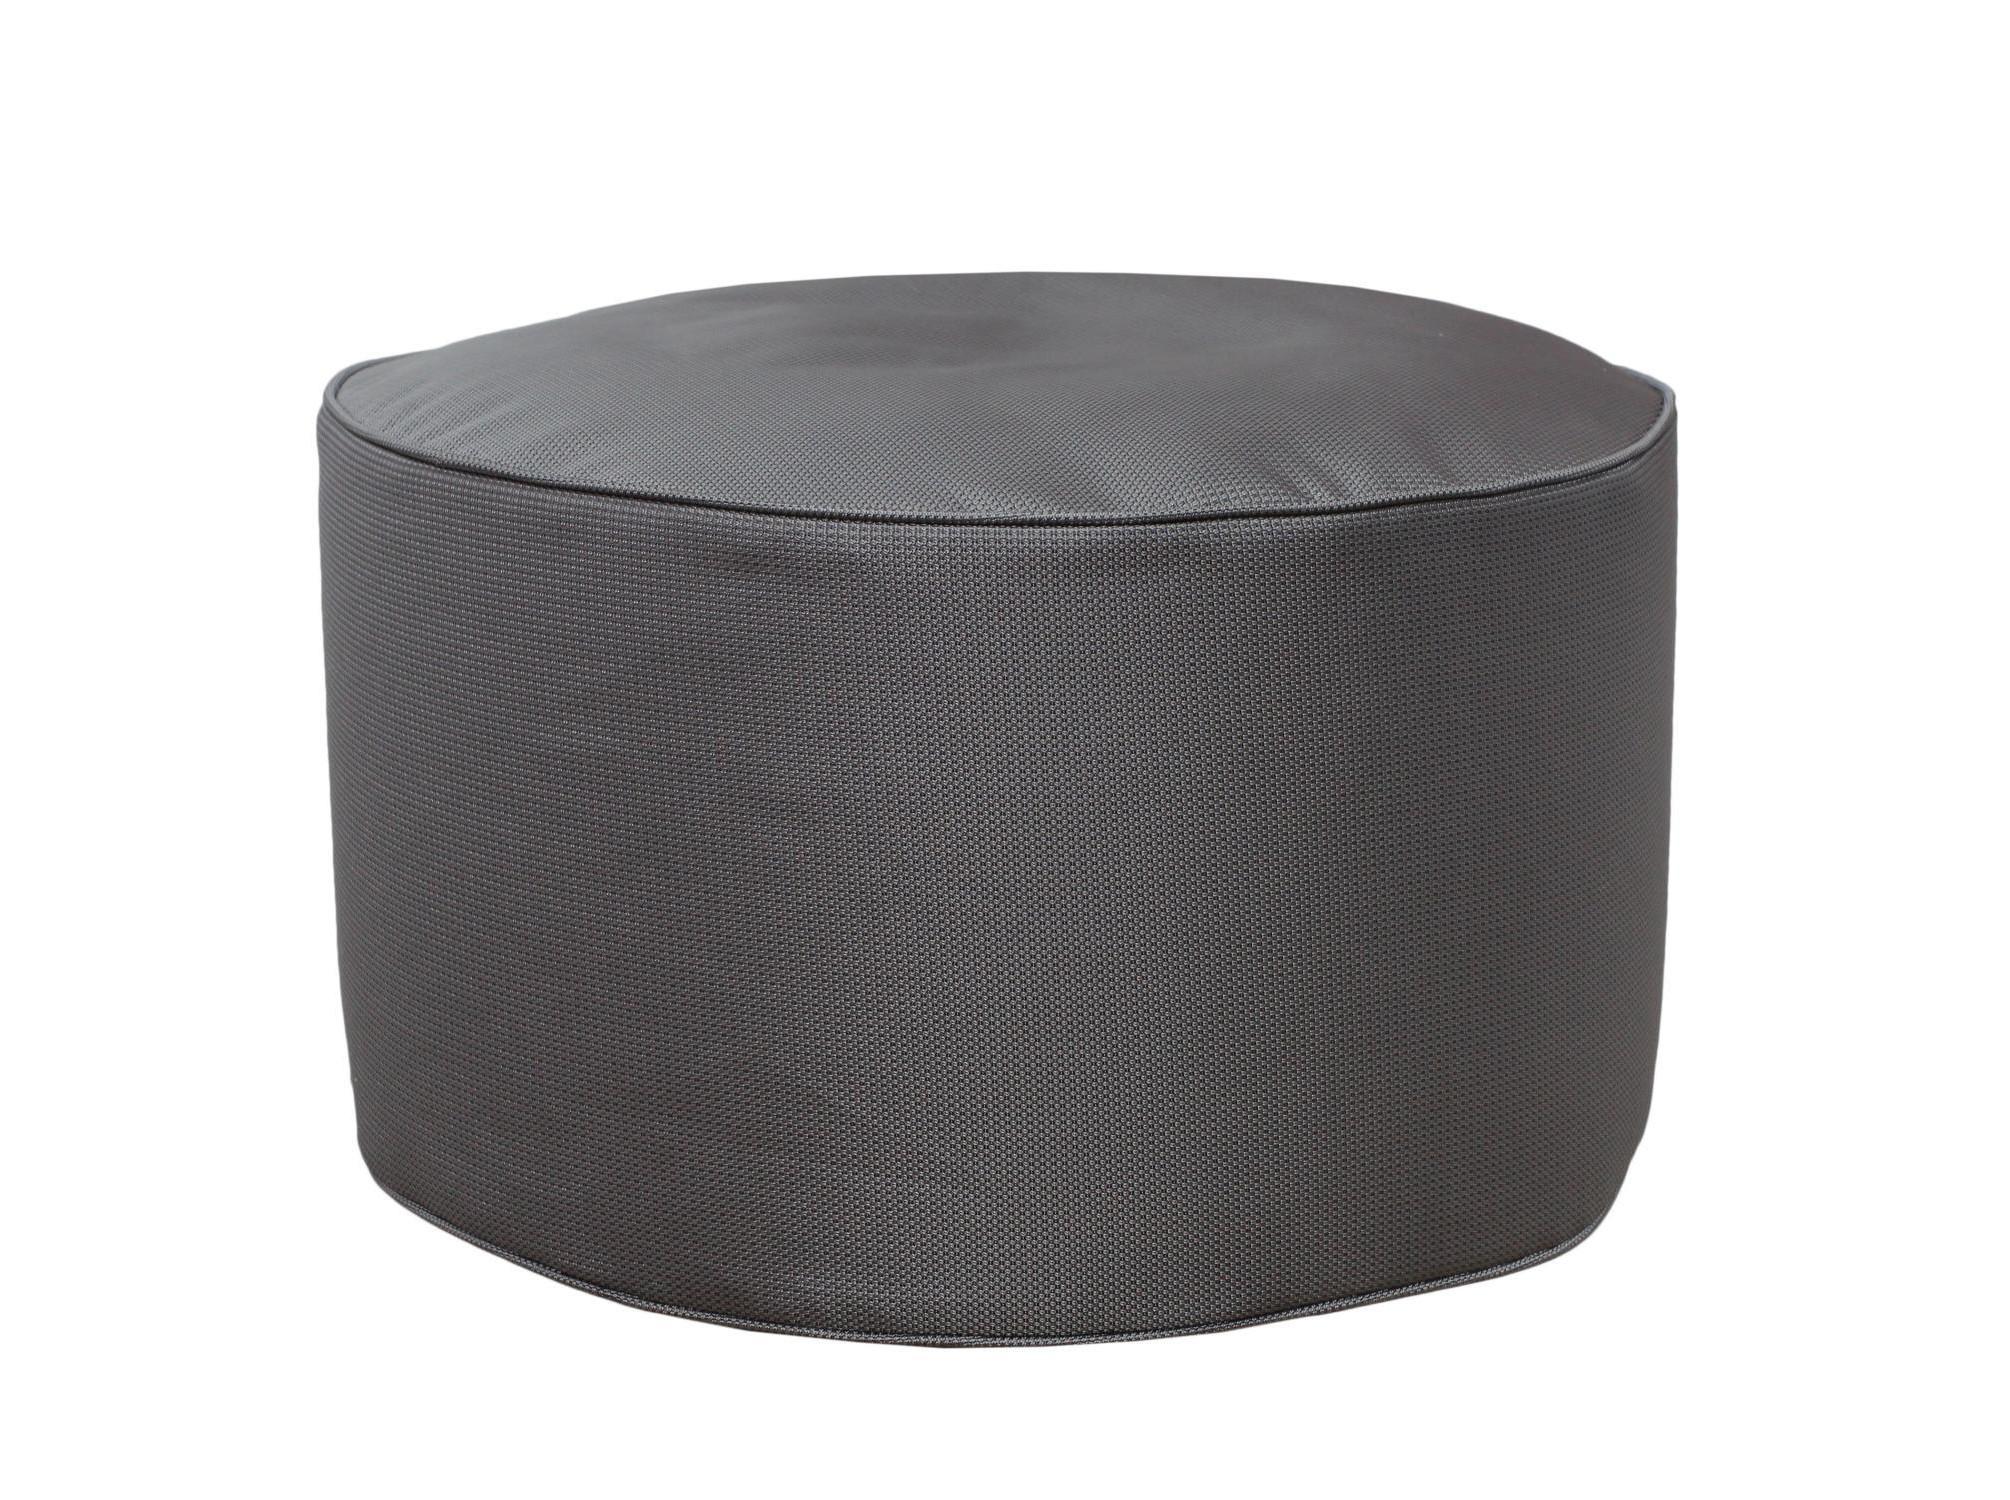 Круглый пуф  SilverФорменные пуфы<br>Этот круглый пуф необыкновенно легок и функционален. Пуф сшит из очень плотной ткани с водоотталкивающим покрытием с внешней стороны, поэтому идеально подойдет для уличного декора.При загрязнении его достаточно протереть мокрой салфеткой.&amp;lt;br&amp;gt;&amp;lt;br&amp;gt;Материал наполнителя: пенополистирол&amp;lt;br&amp;gt;&amp;lt;div&amp;gt;&amp;lt;br&amp;gt;&amp;lt;/div&amp;gt;&amp;lt;div&amp;gt;&amp;lt;br&amp;gt;&amp;lt;/div&amp;gt;<br><br>Material: Текстиль<br>Height см: 30<br>Diameter см: 55